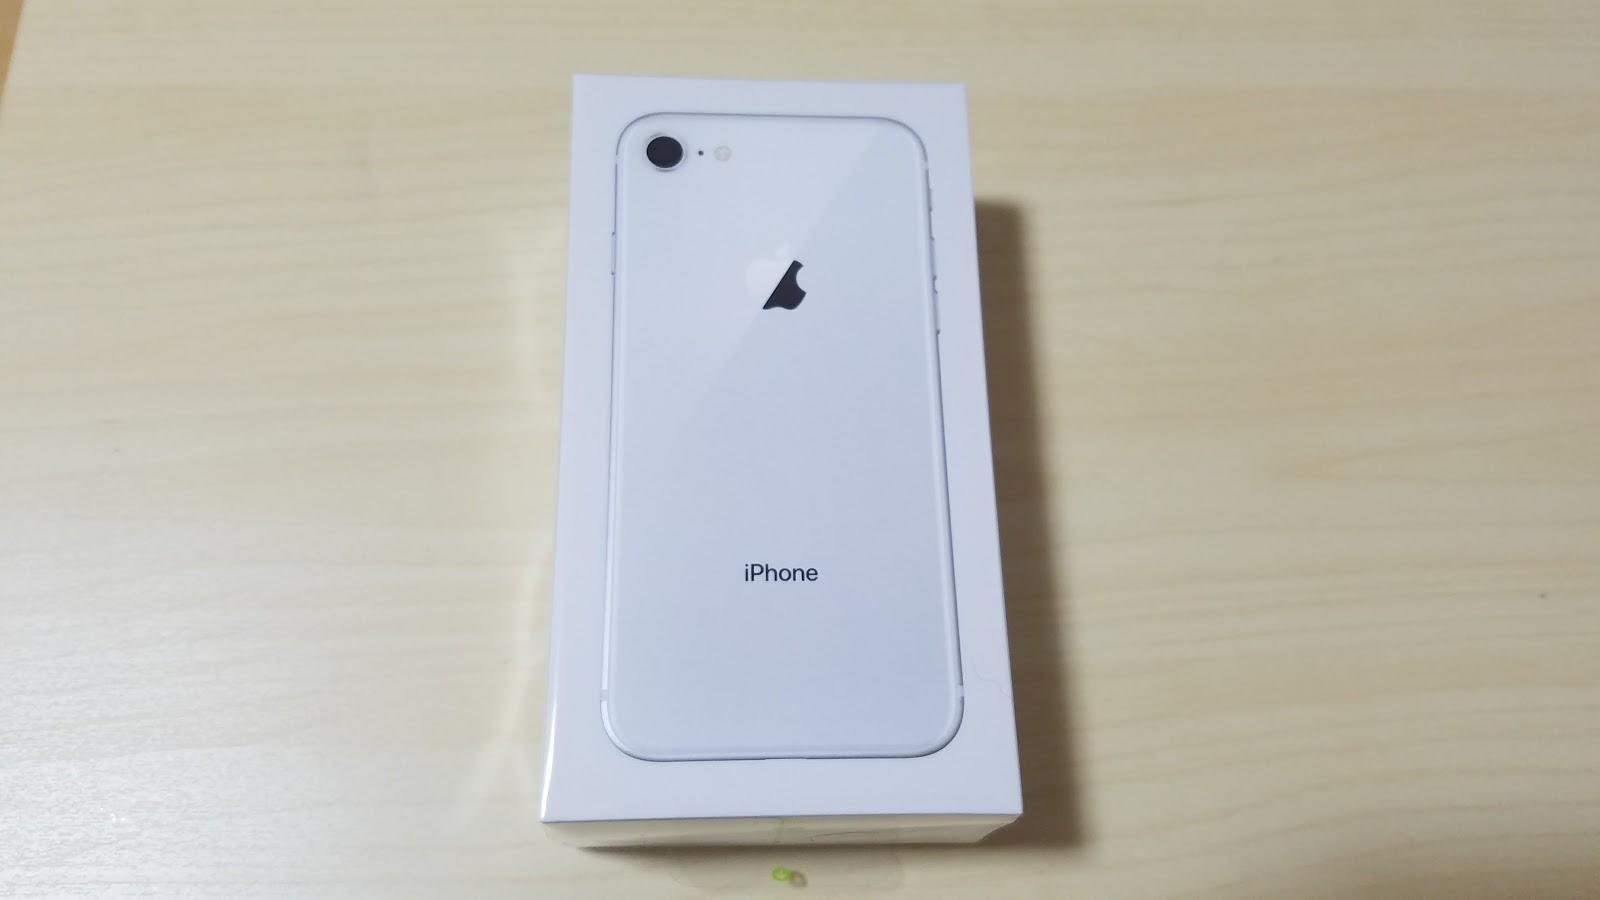 iPhone8の箱を撮ってみた